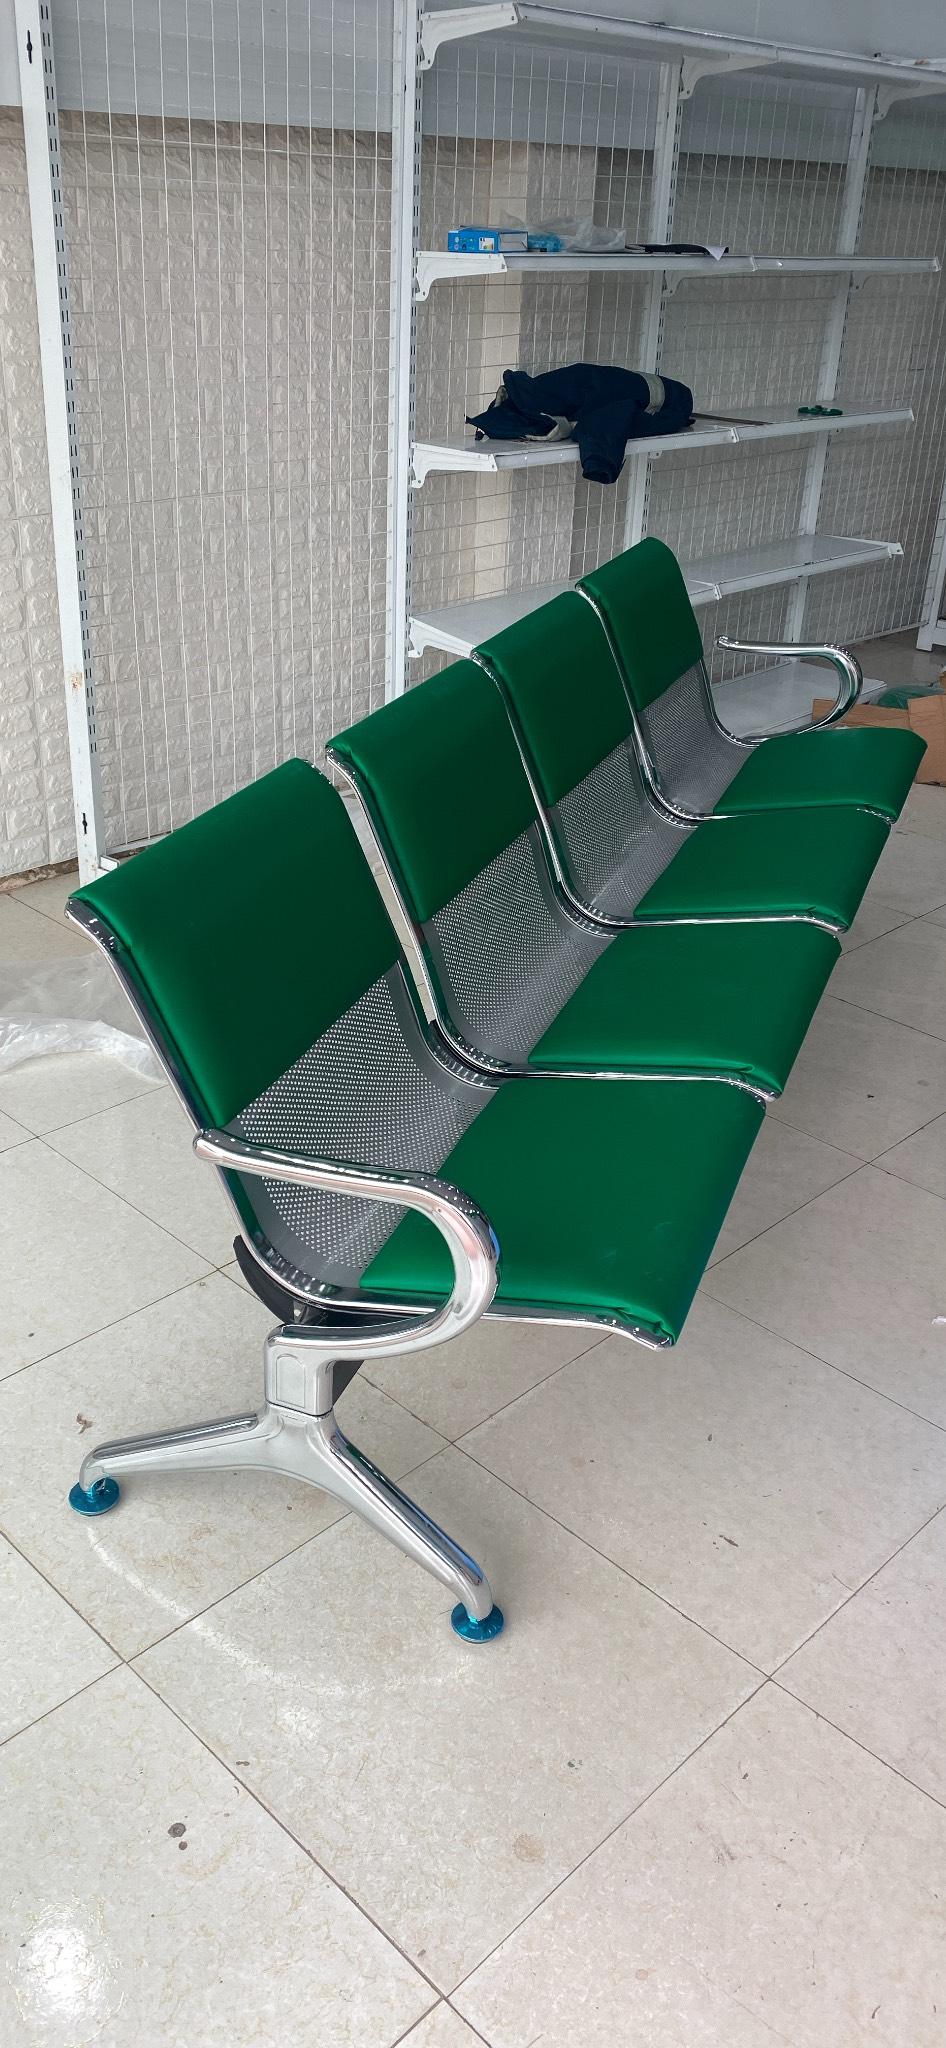 Ghế phòng chờ 4 chỗ bọc nệm hình thực tế : KG – PC04